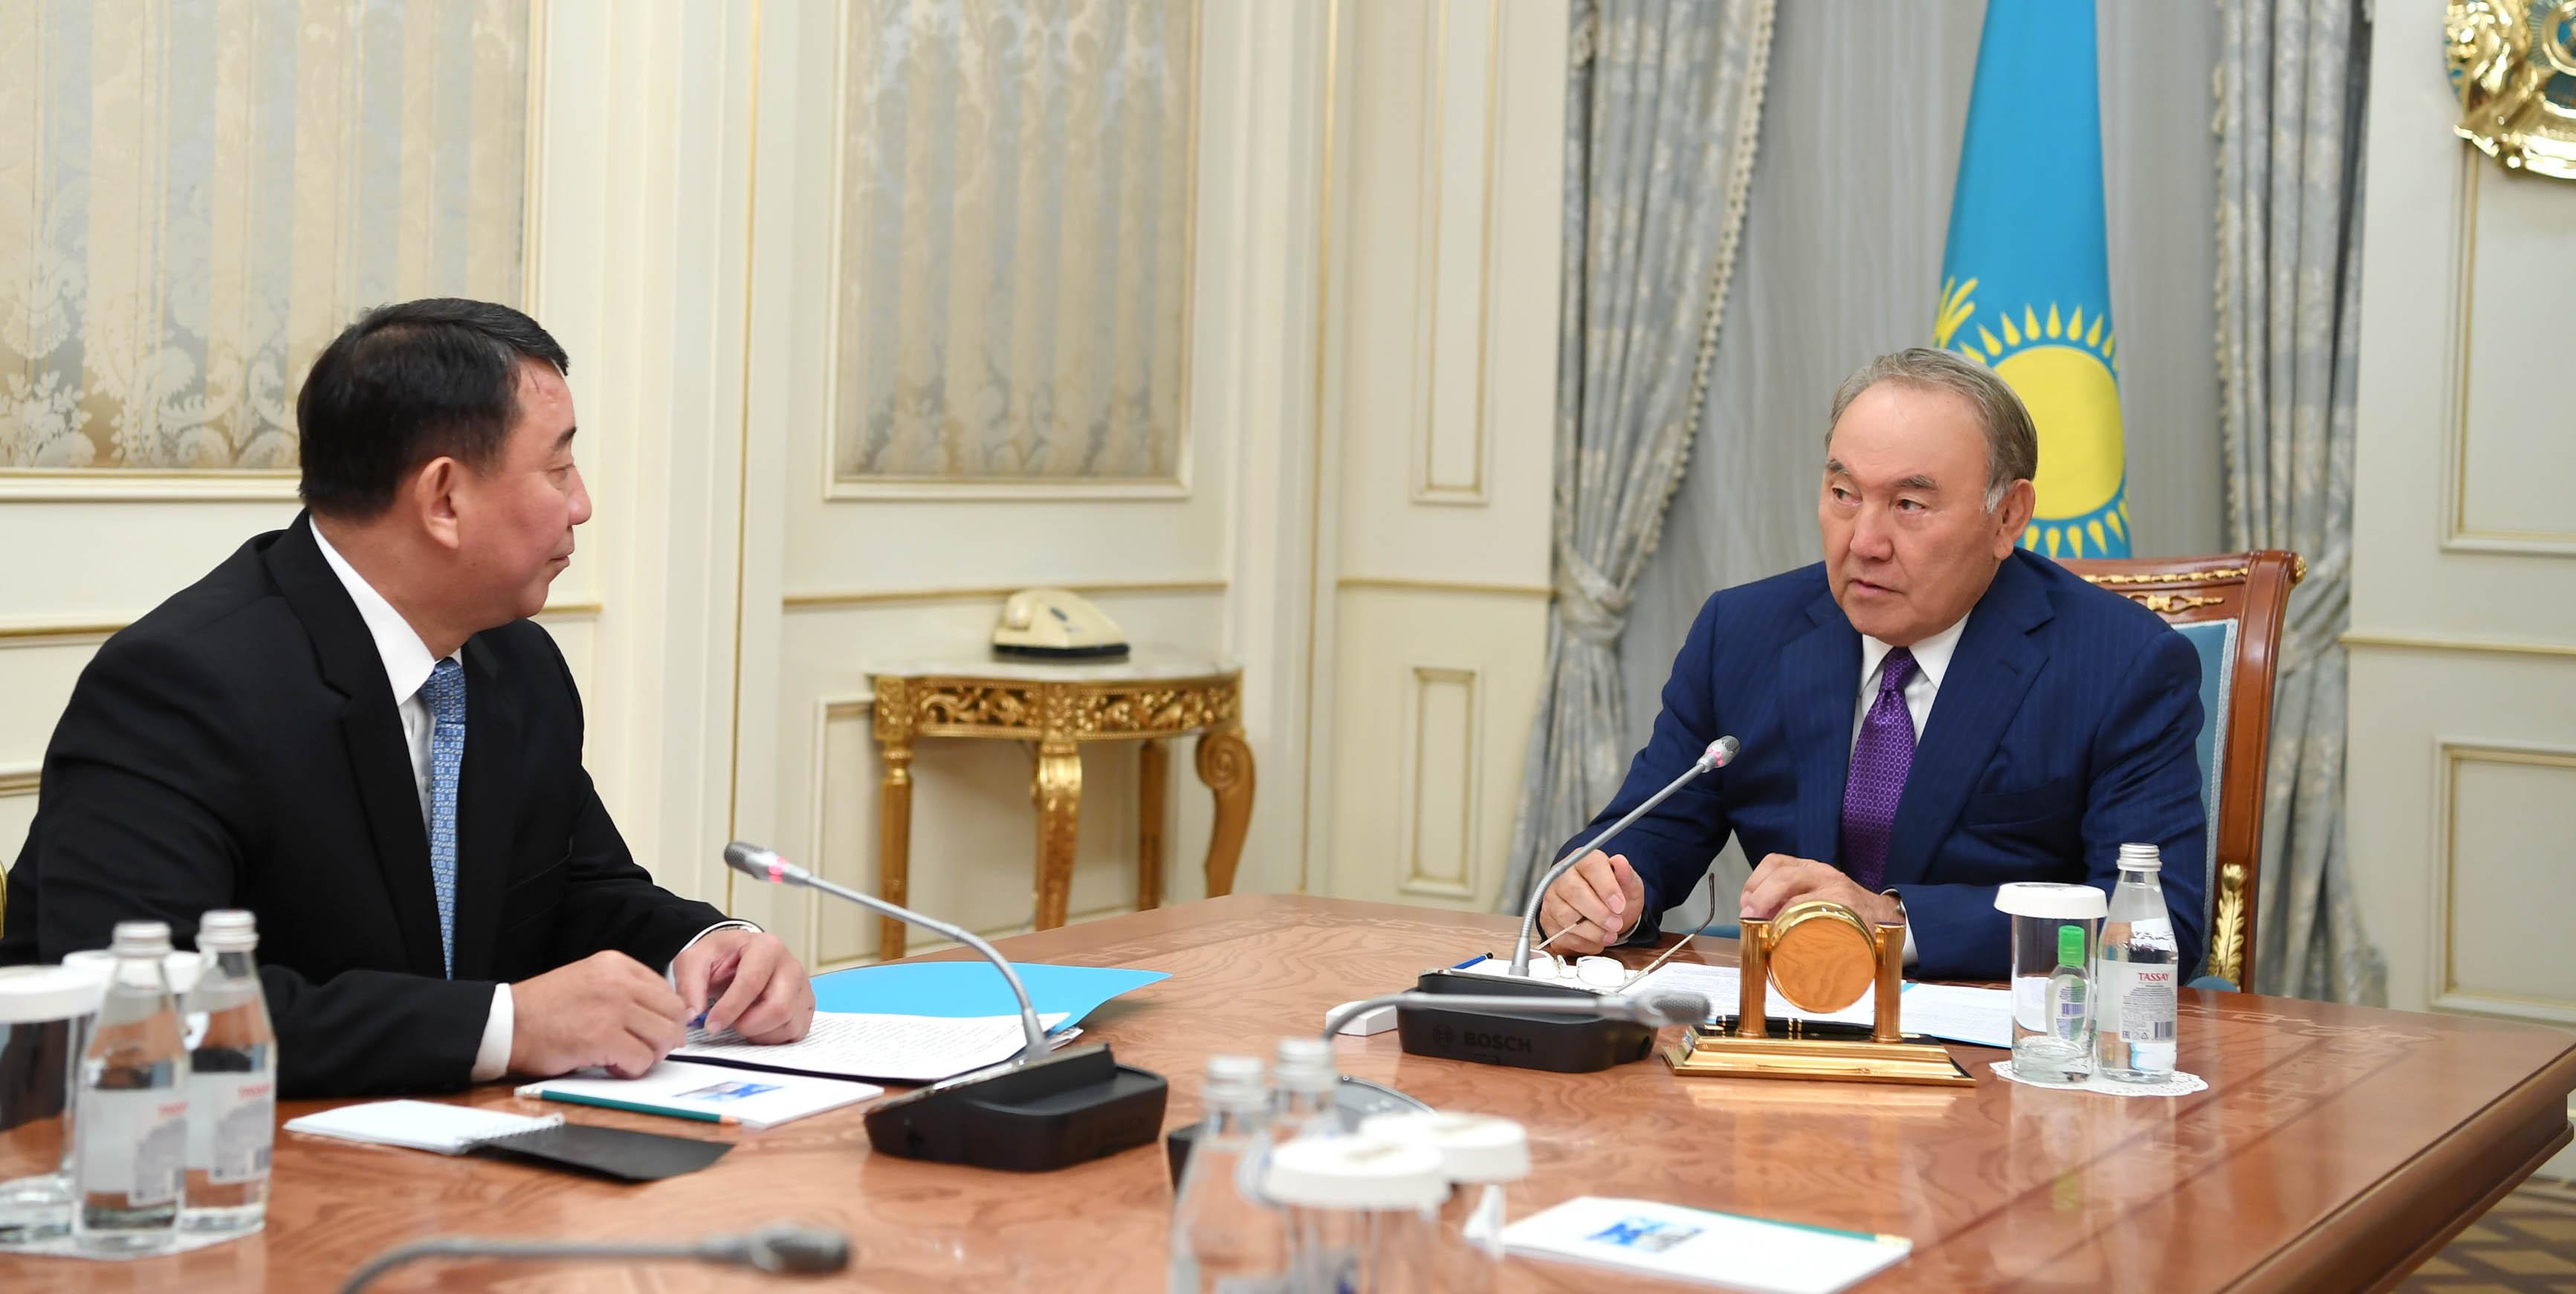 Нұрсұлтан Назарбаев: Сириядан оралатындарды ұдайы бақылауда ұстау керек